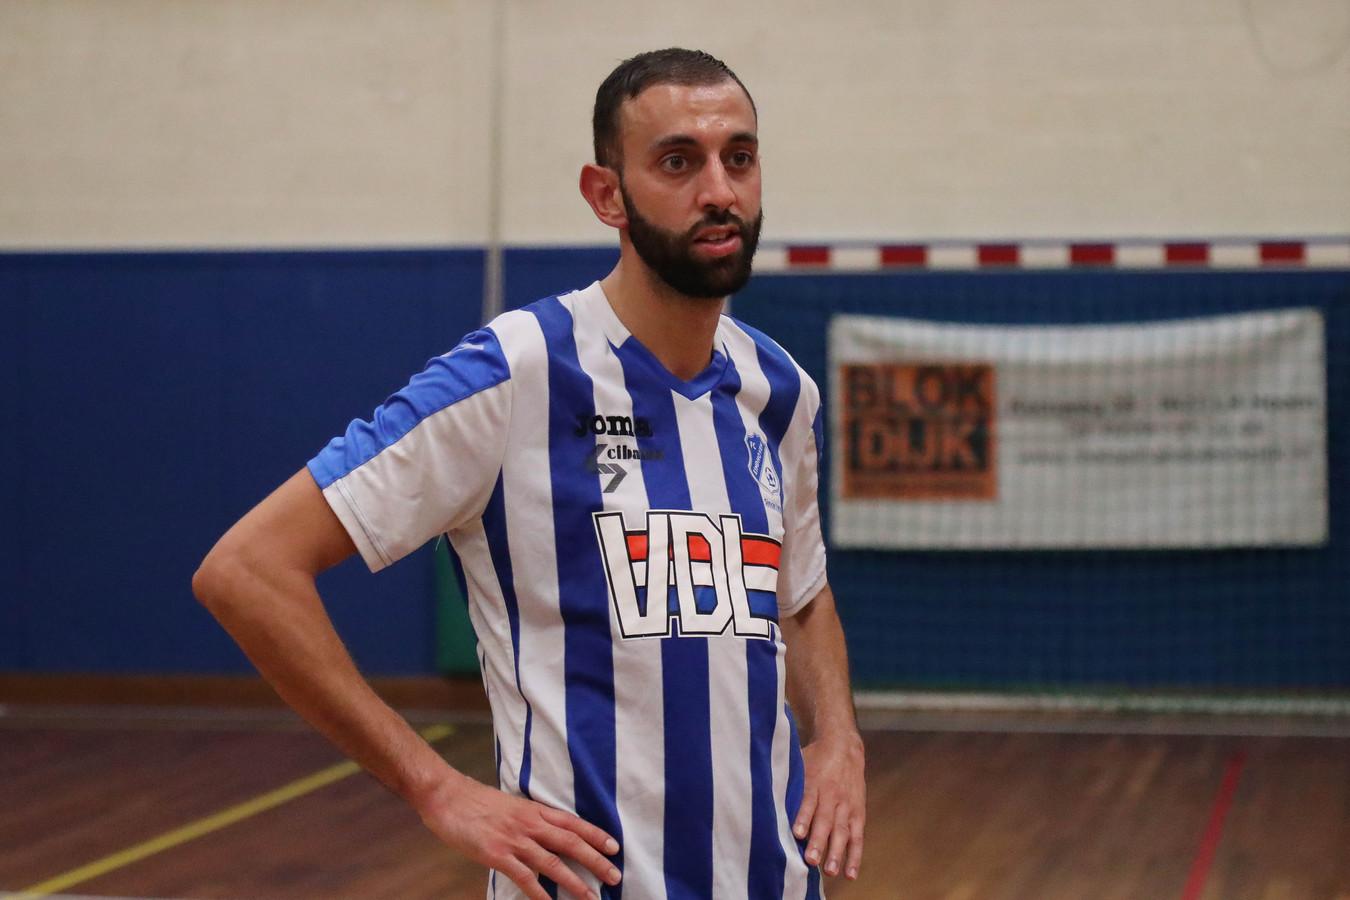 Teleurstelling bij Jamal el Ghannouti  na de 3-1 nederlaag.